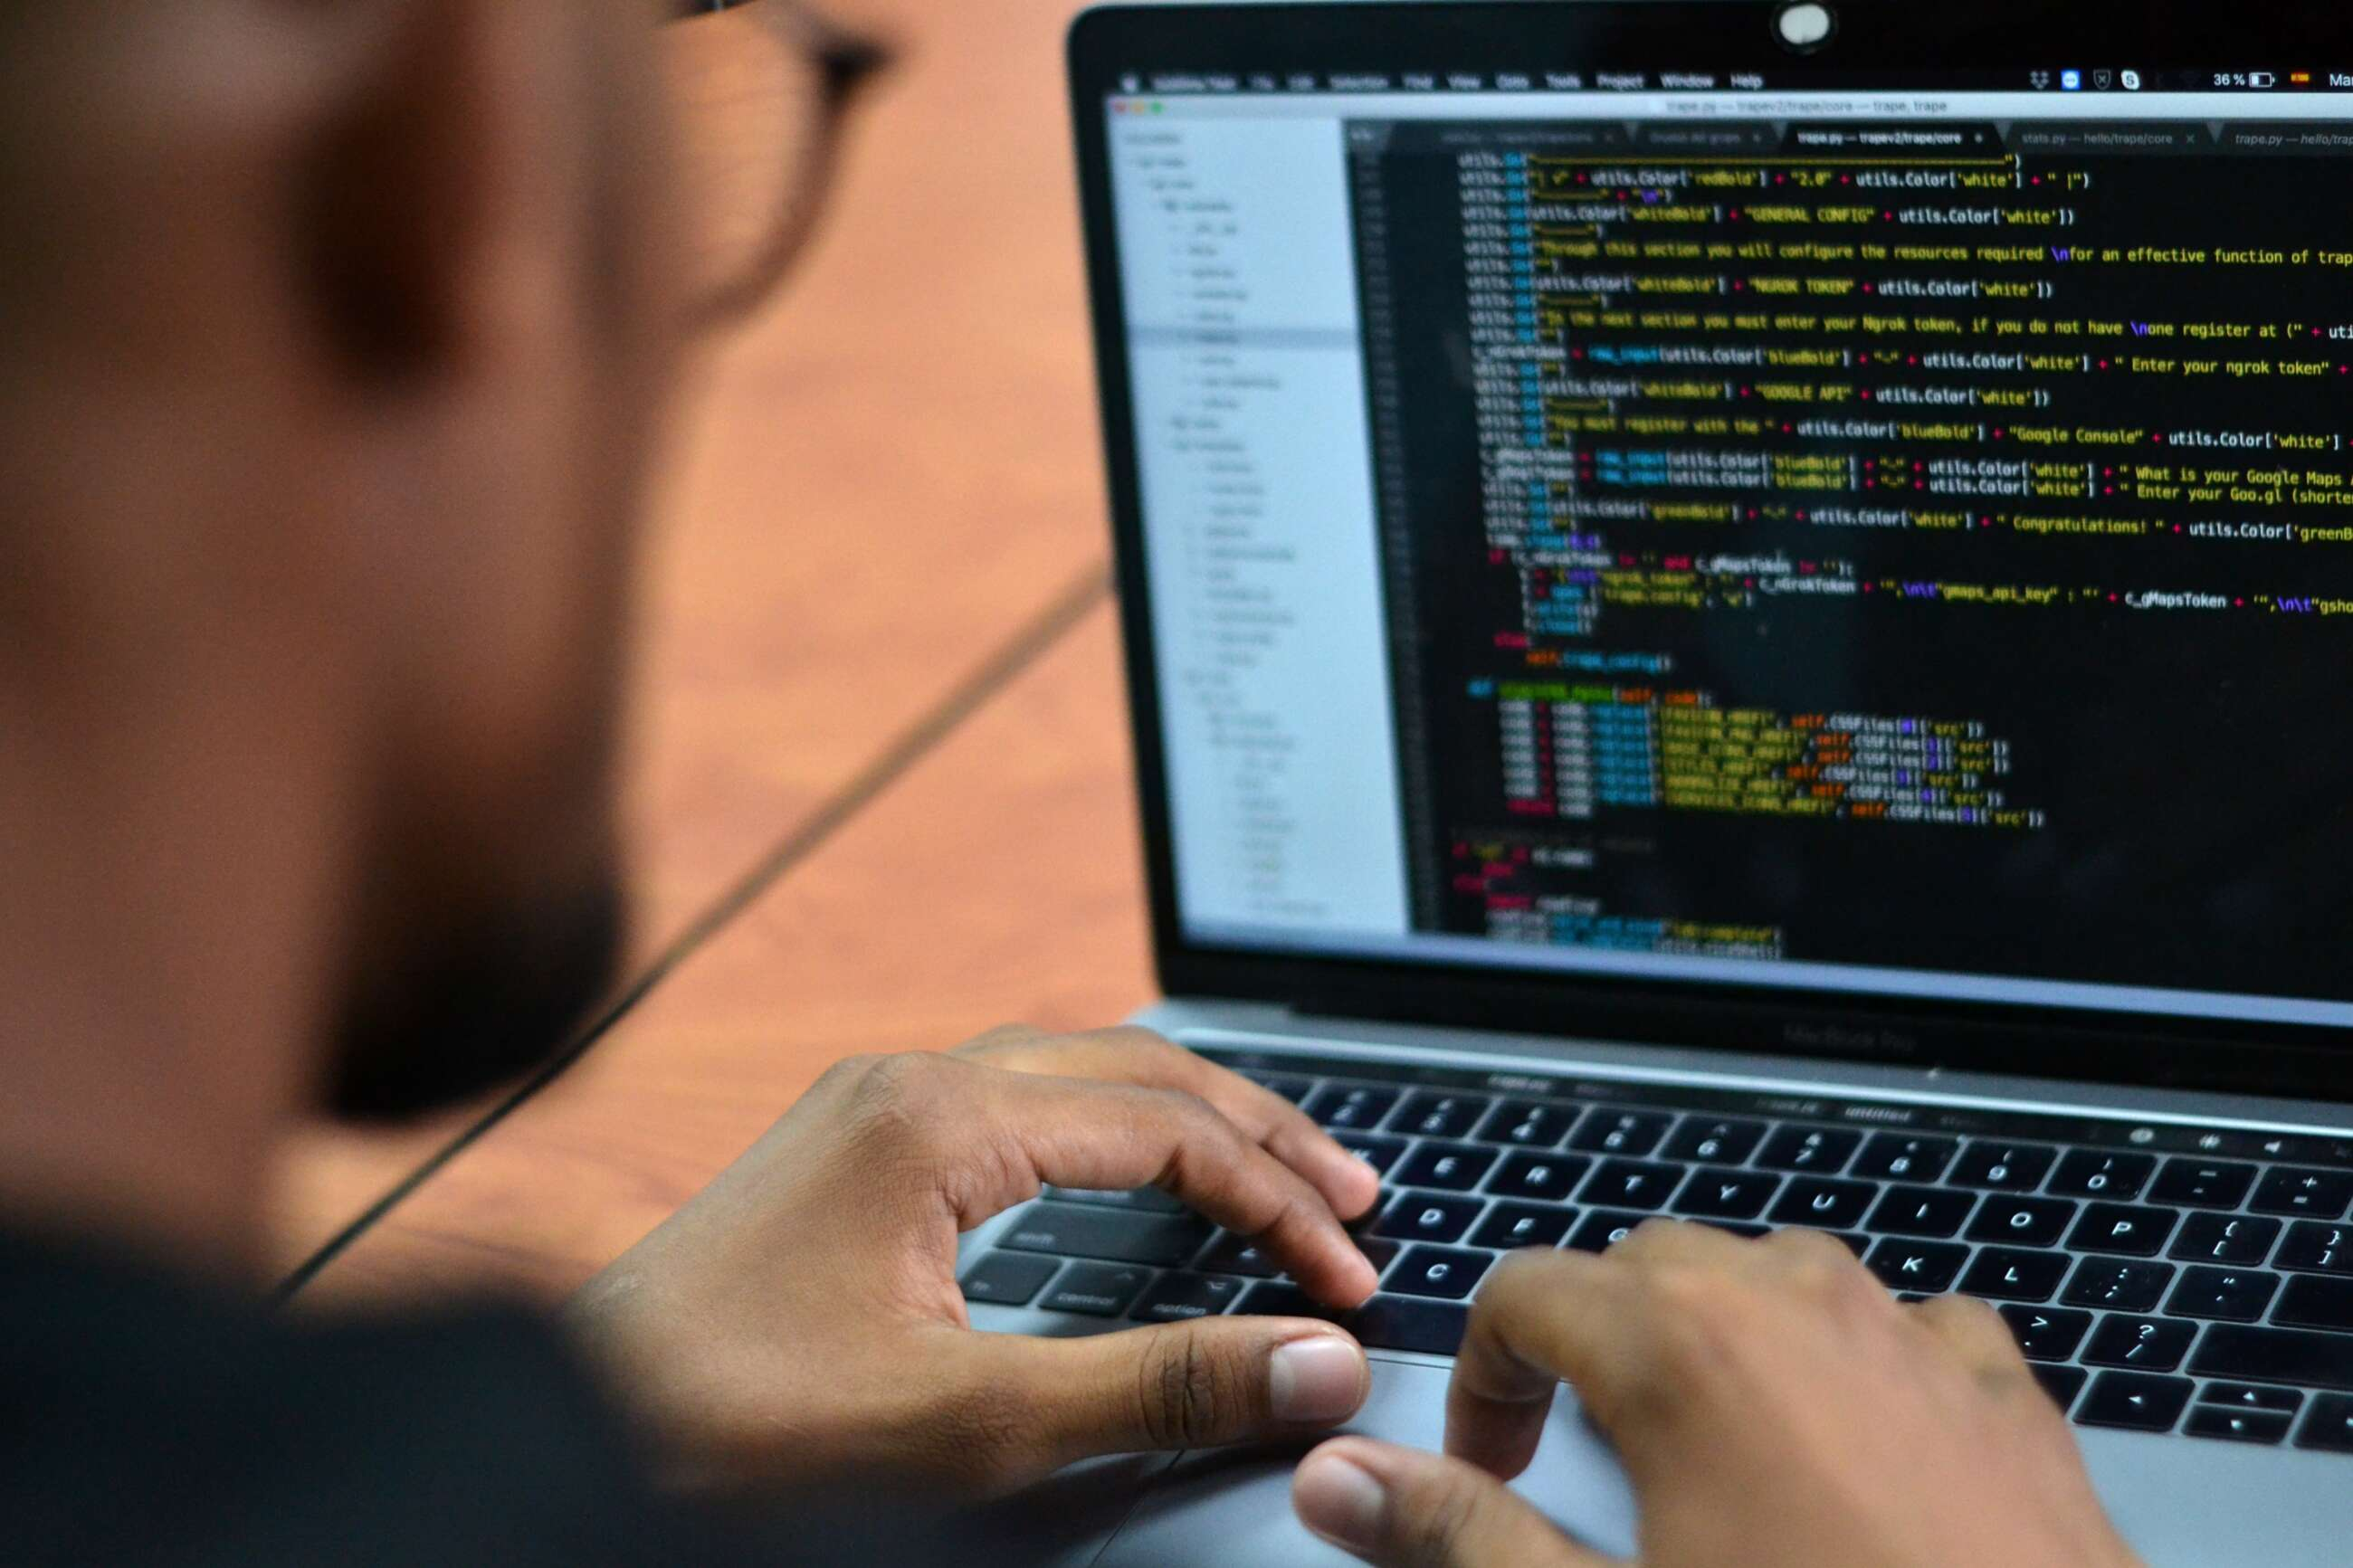 José Pino, hacker colombiano experto en ciberseguridad, revisa algunos códigos en su computador portátil. EFE